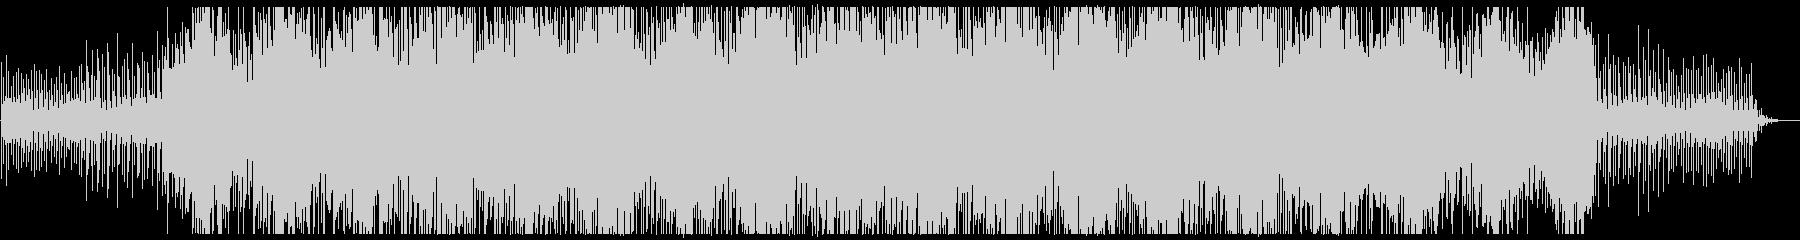 興味をそそる時間のプレッシャーの音...の未再生の波形